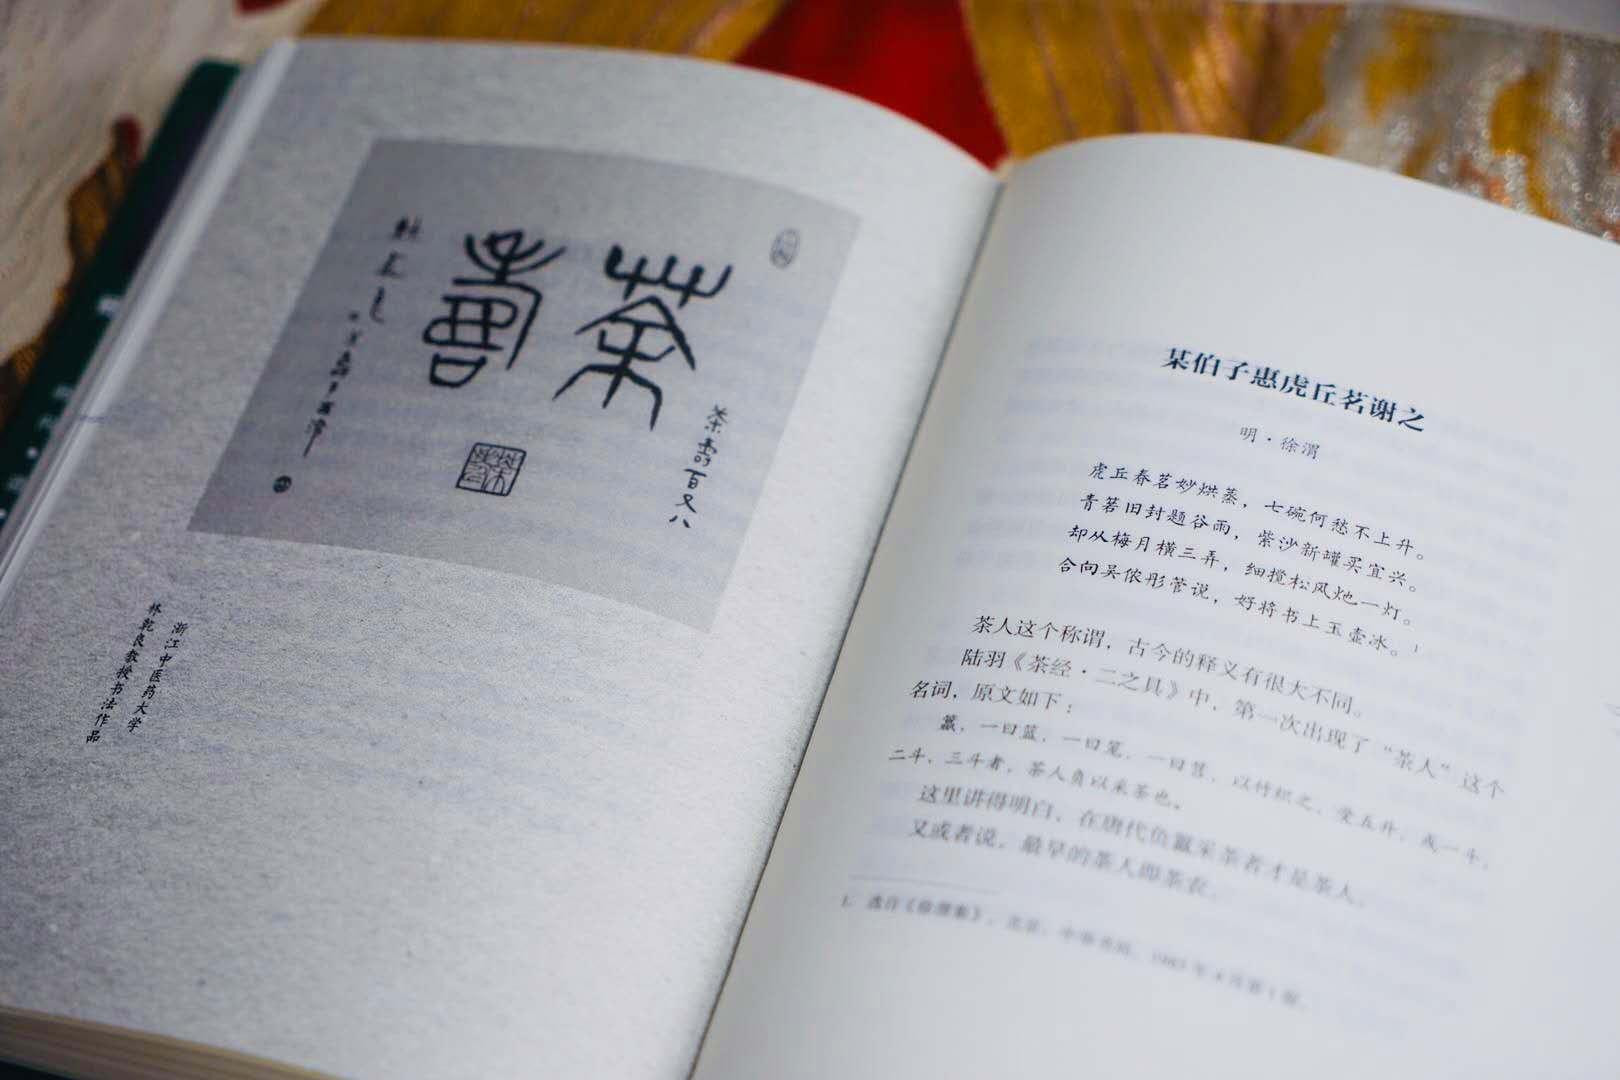 《茶的品质:中国茶诗新解》内页